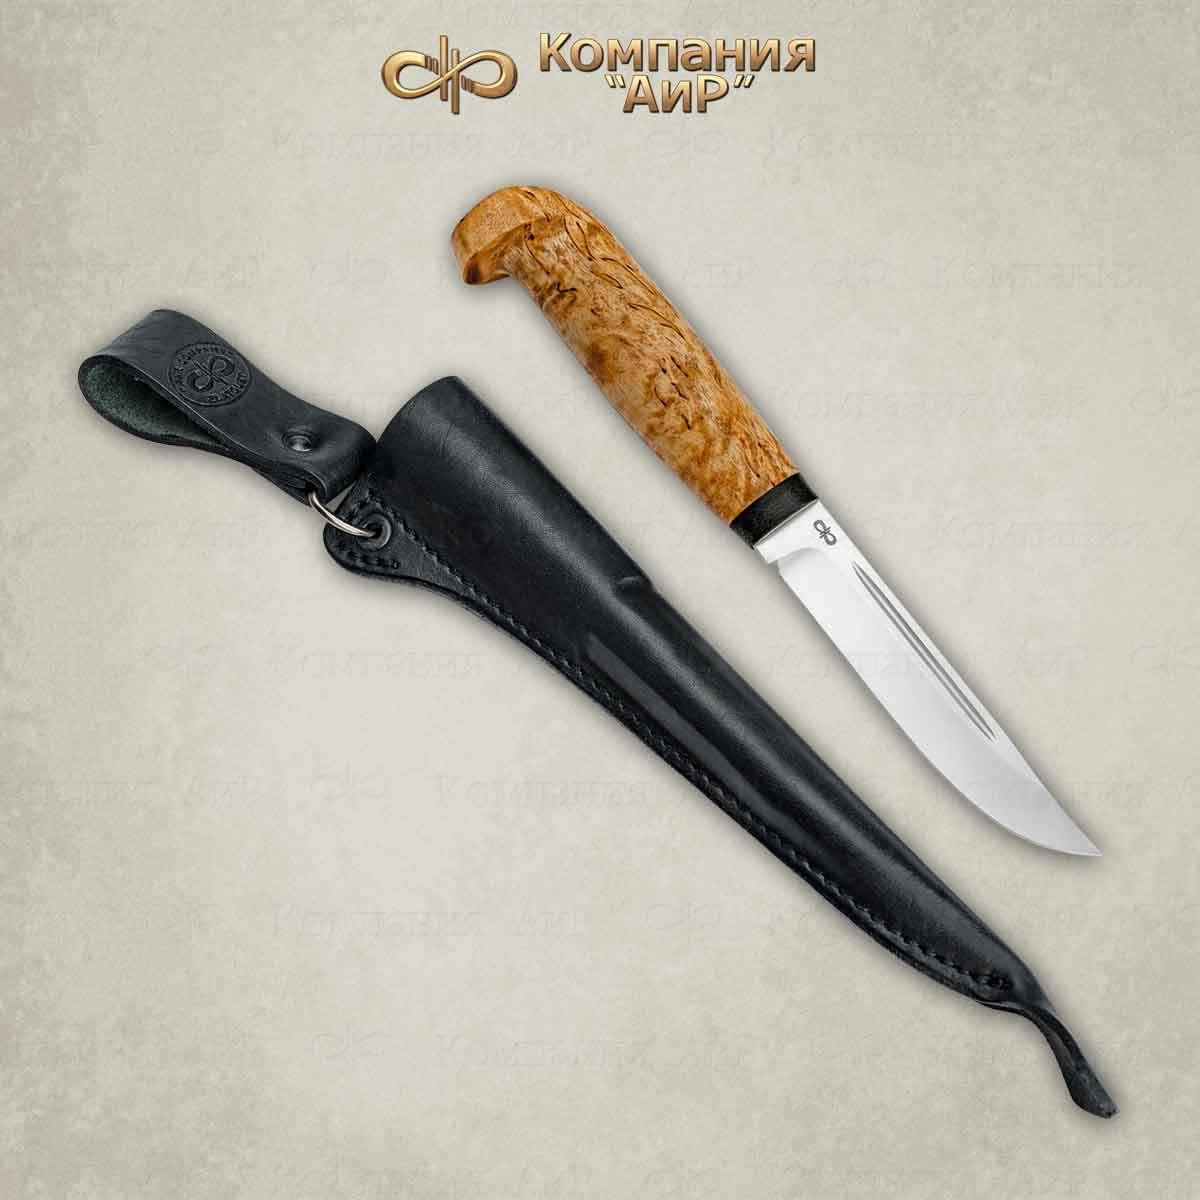 Фото - Нож АиР Финка Лаппи, сталь ЭП-766, рукоять карельская береза нож разделочный аир финка 3 сталь эп 766 рукоять карельская береза